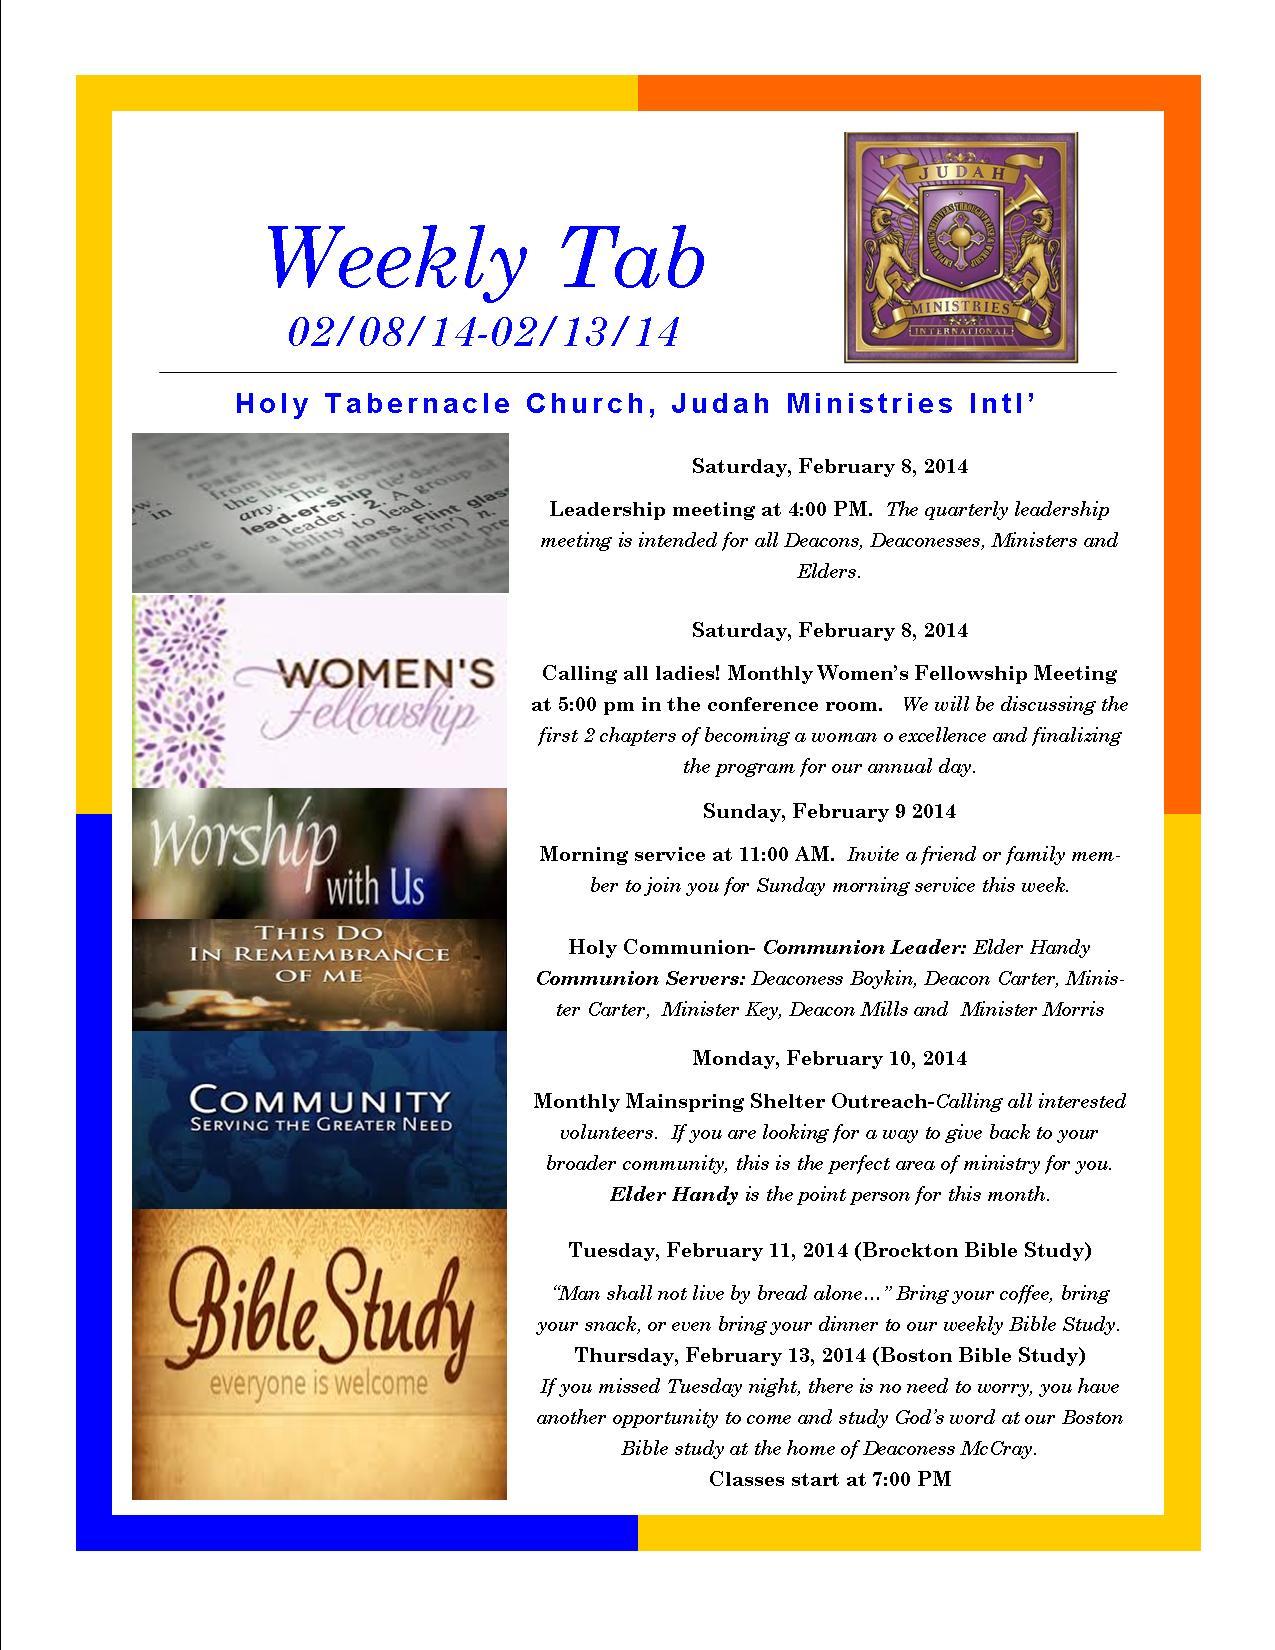 Weekly Tab 02.08.14